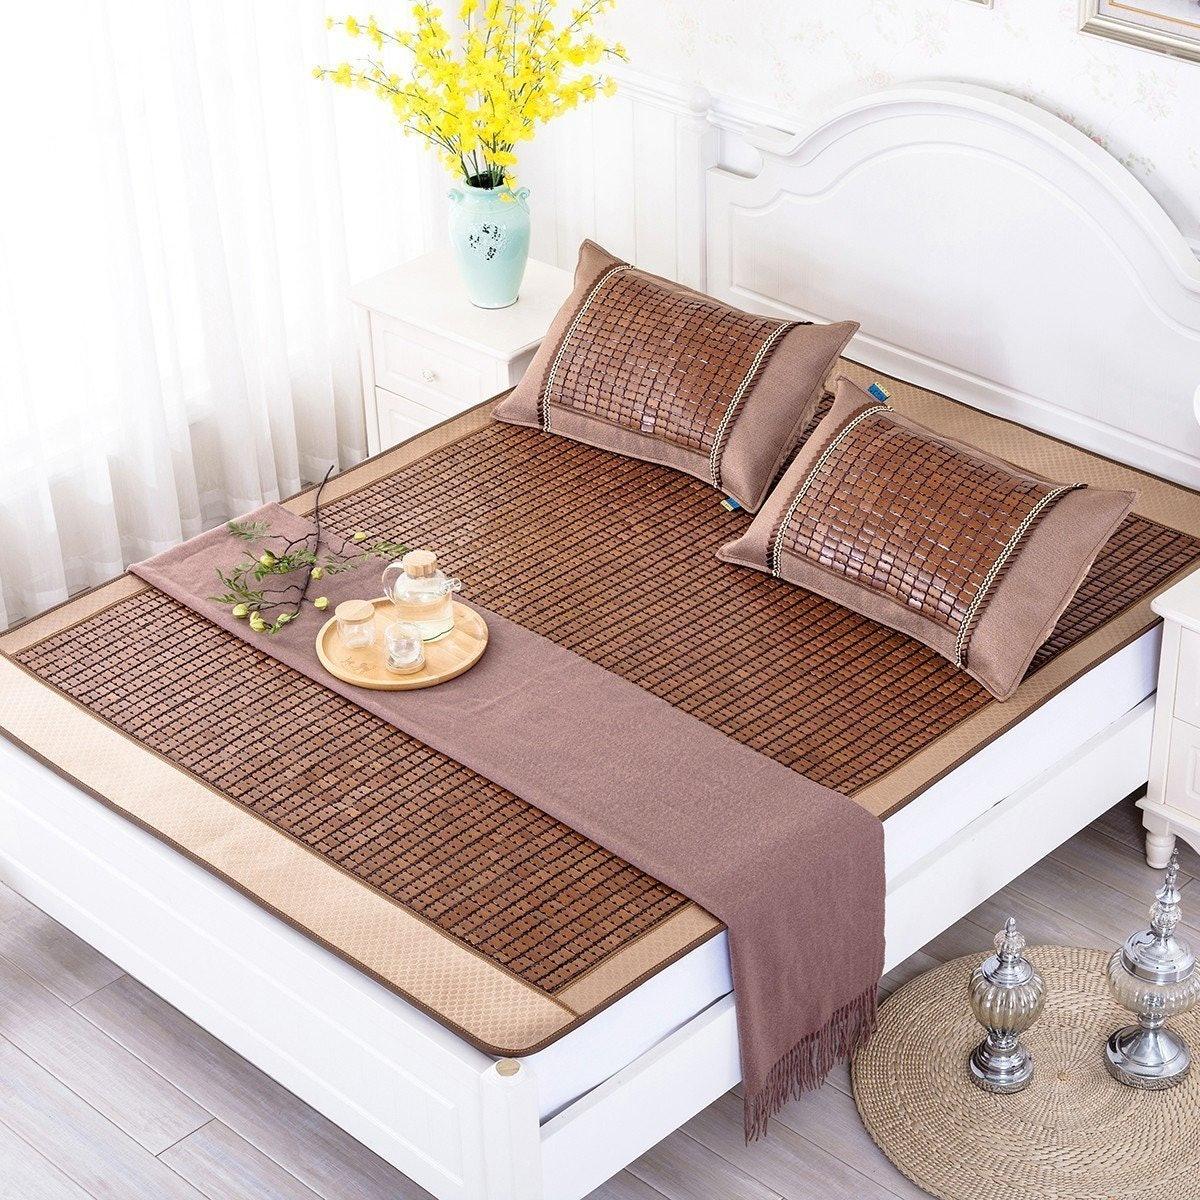 cooling mattress topper queen The 8 Best Cooling Mattress Toppers For Hot Sleepers cooling mattress topper queen